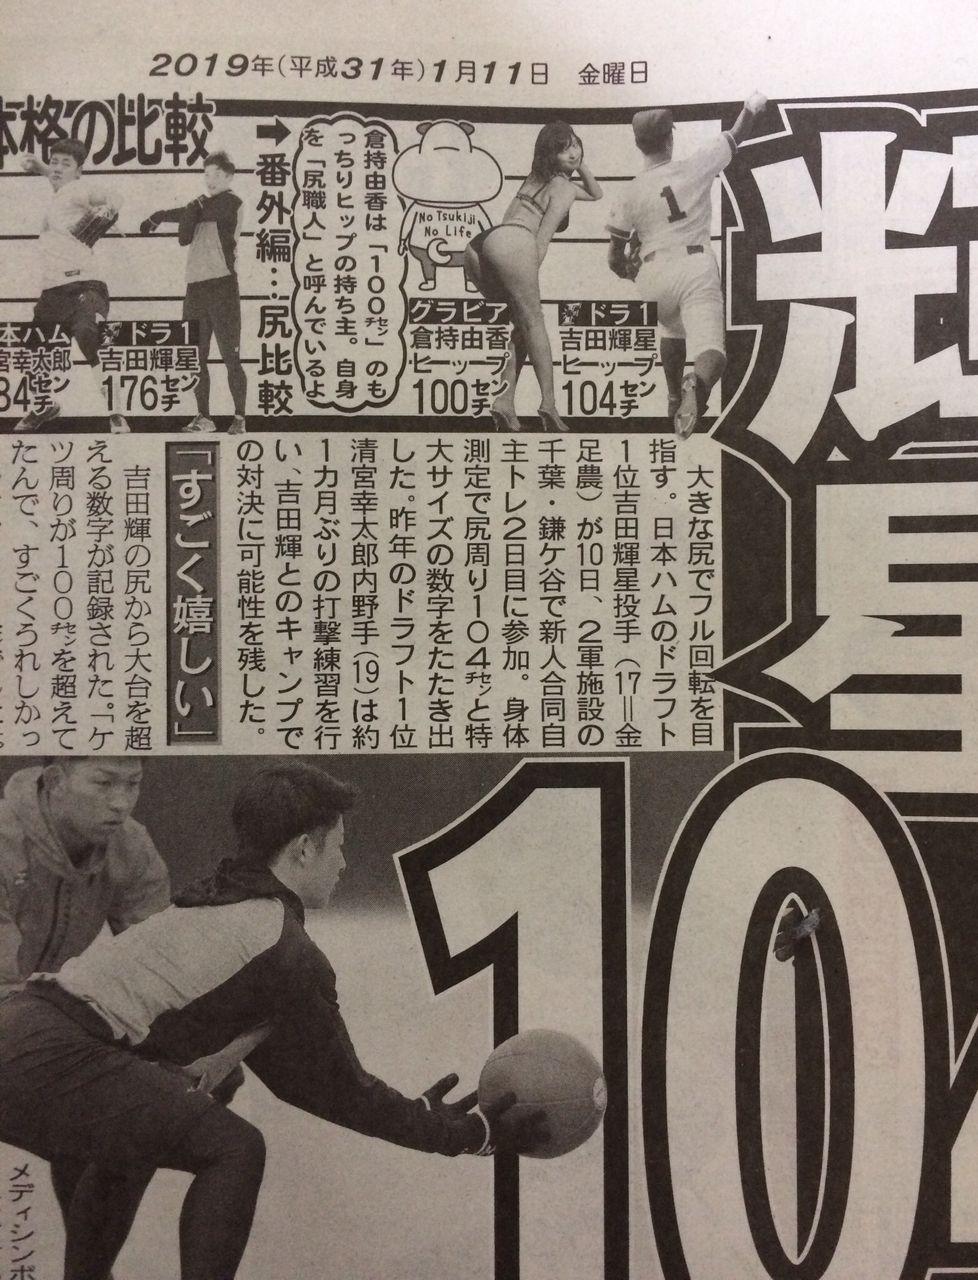 【悲報】デカ尻が売りのグラビアアイドルさん、吉田輝星に尻のデカさで負ける